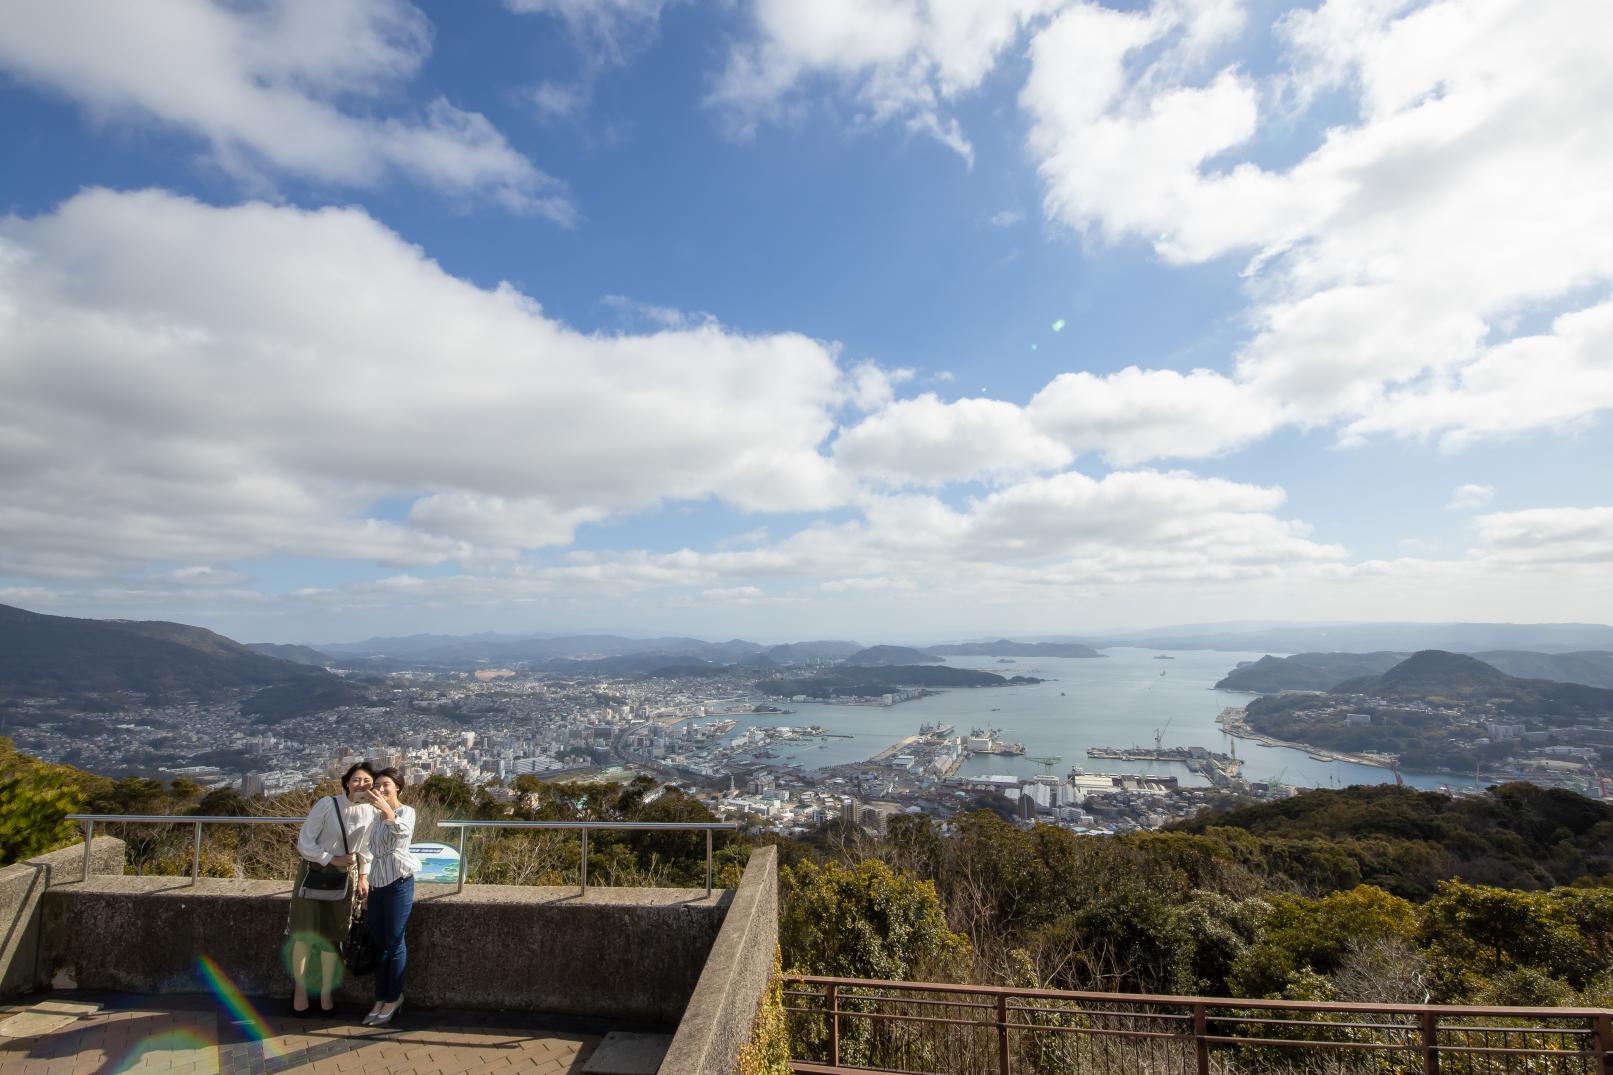 タクシープラン 港まち佐世保を弓張岳展望台から眺めるコース-1